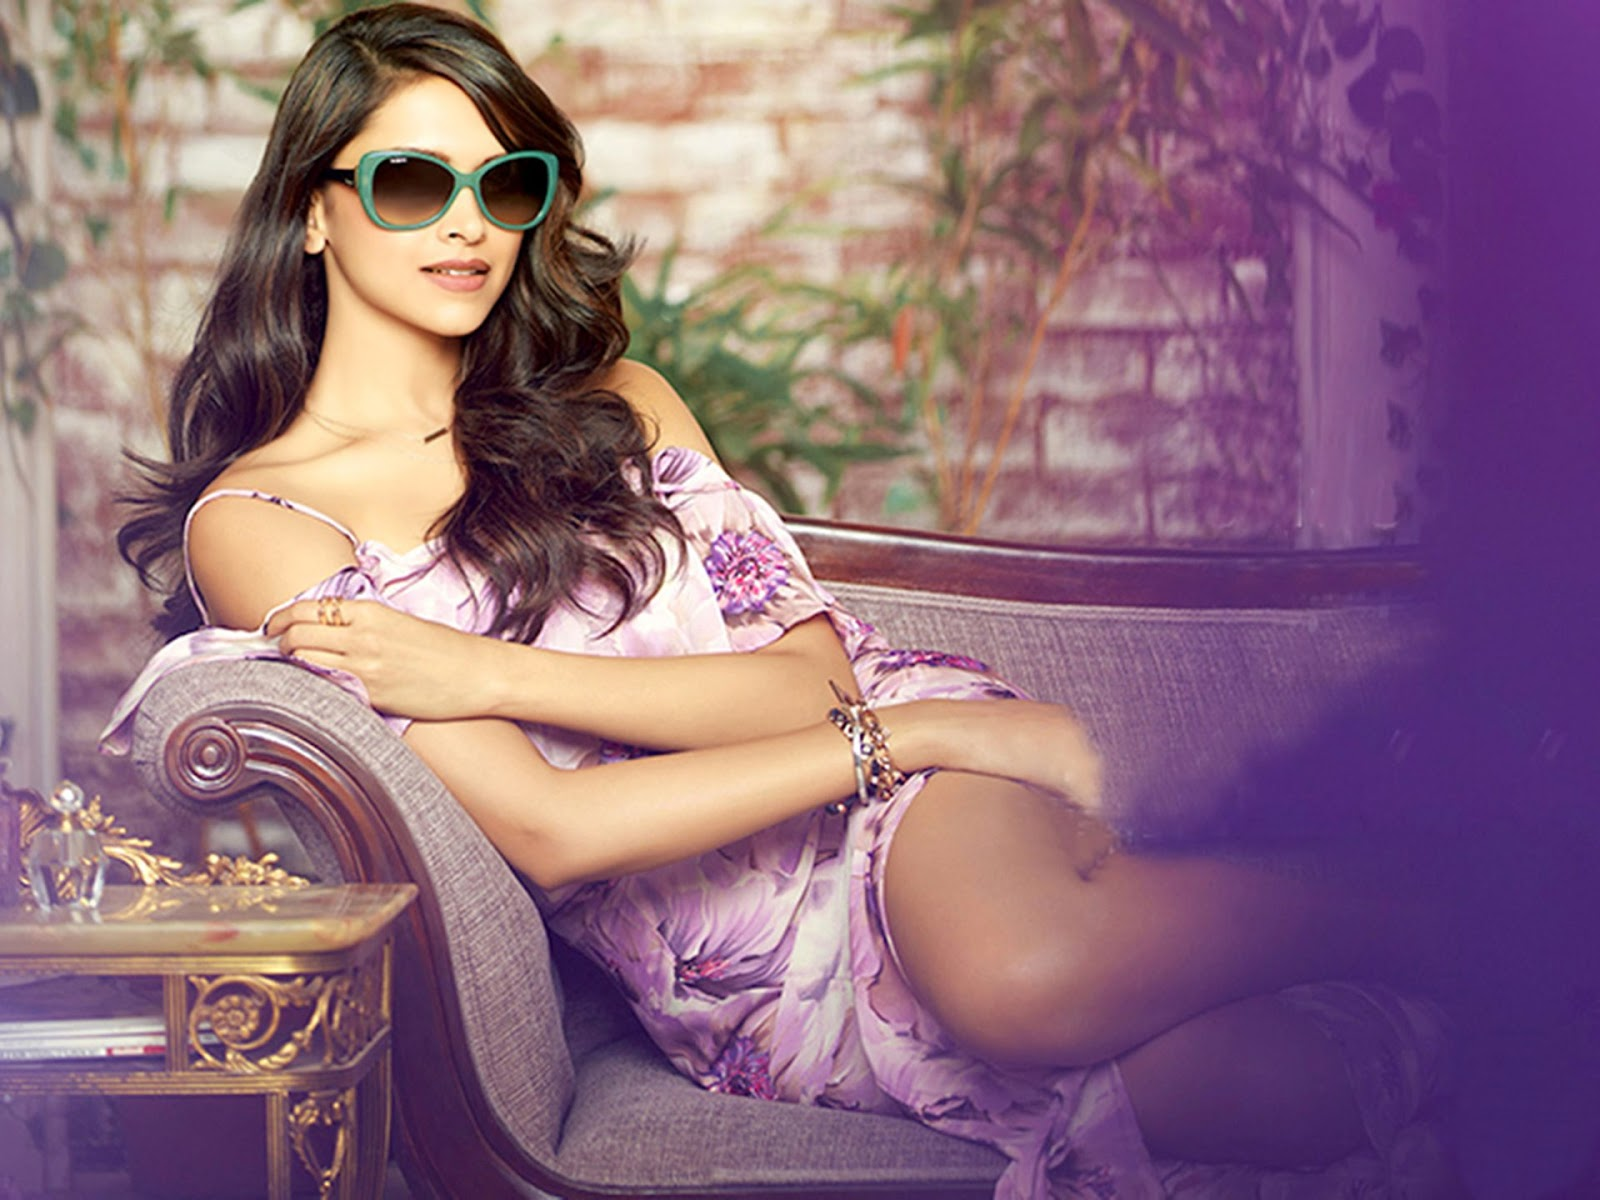 Deepika Padukone with Hot Sunglasses